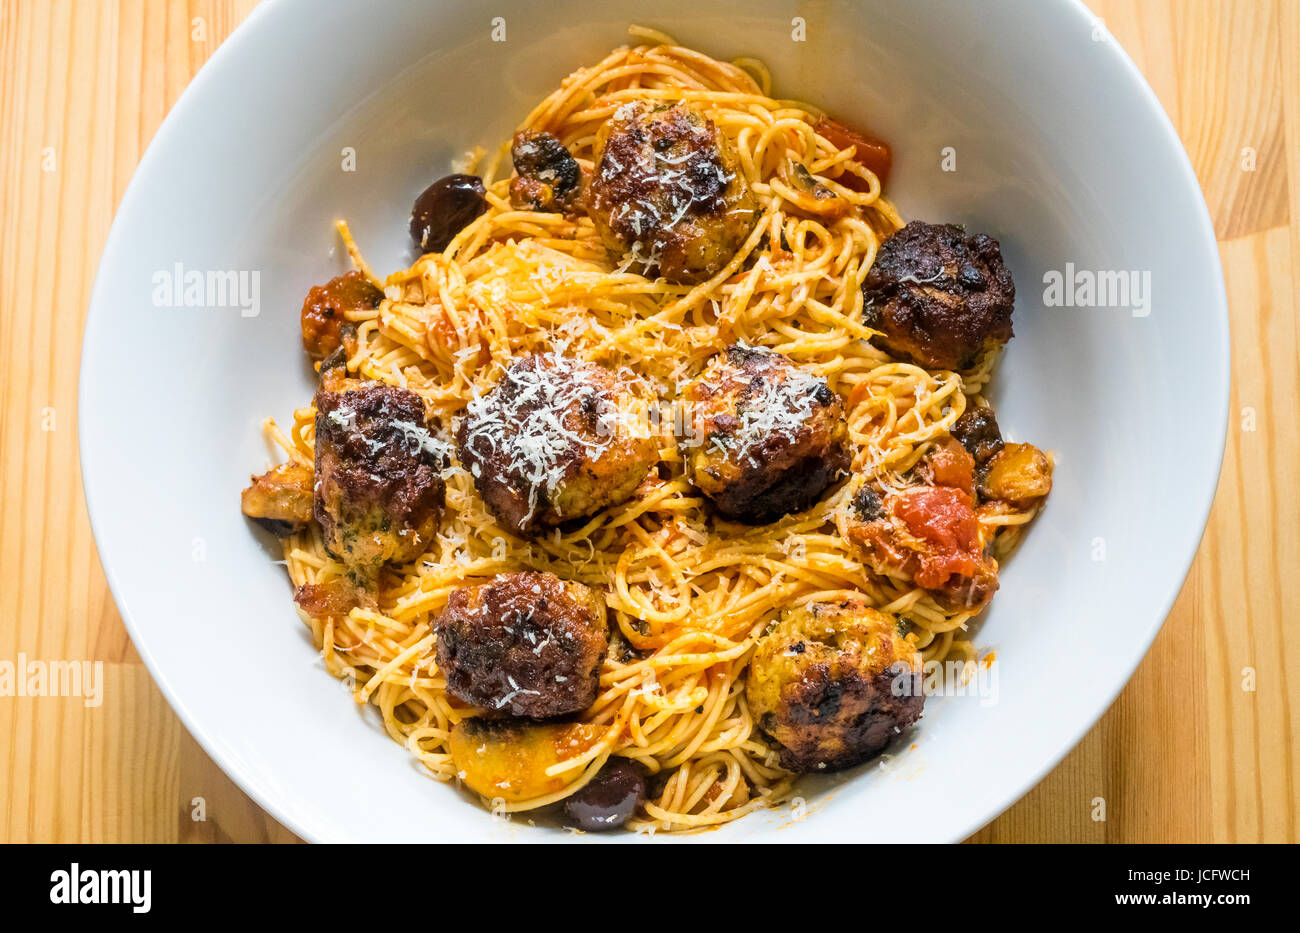 Spaghetti und Italienische Hackbällchen in einer weißen Schüssel Stockbild